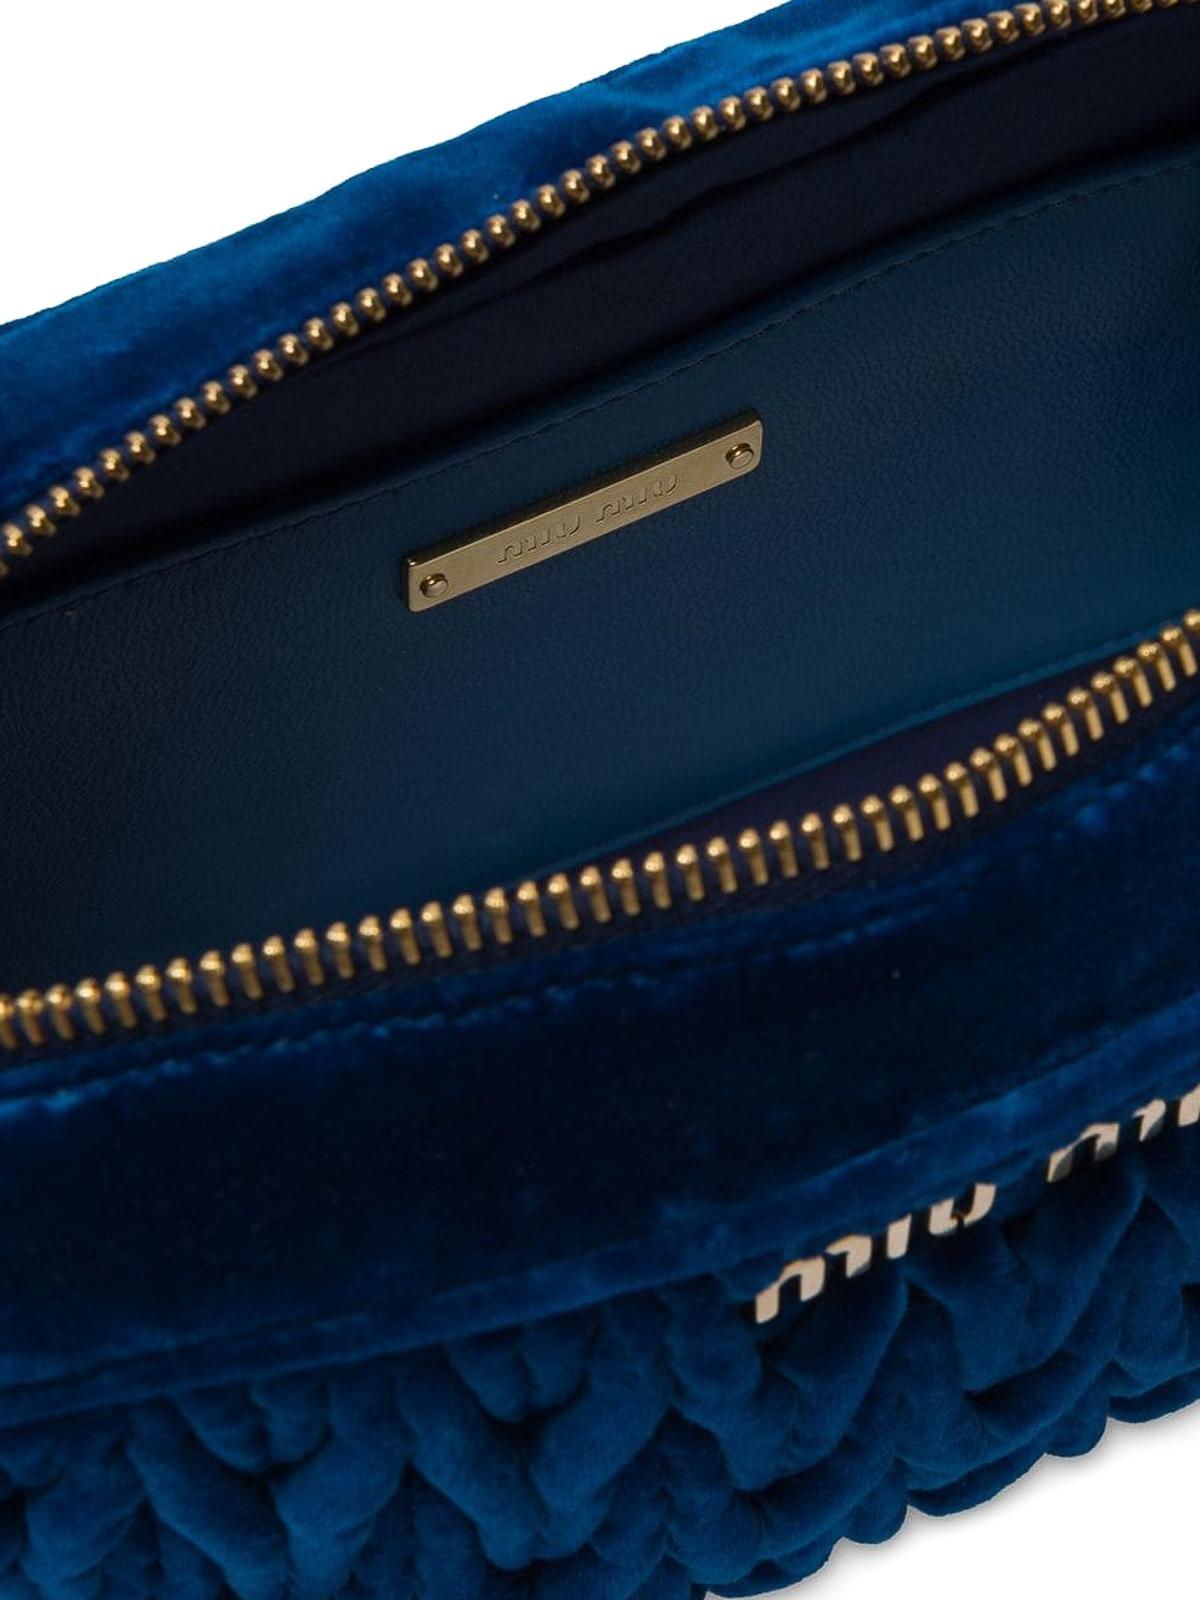 Blue matelassé velvet camera bag shop online  MIU MIU. MIU MIU  cross body  bags ... 65af5b1b8d965